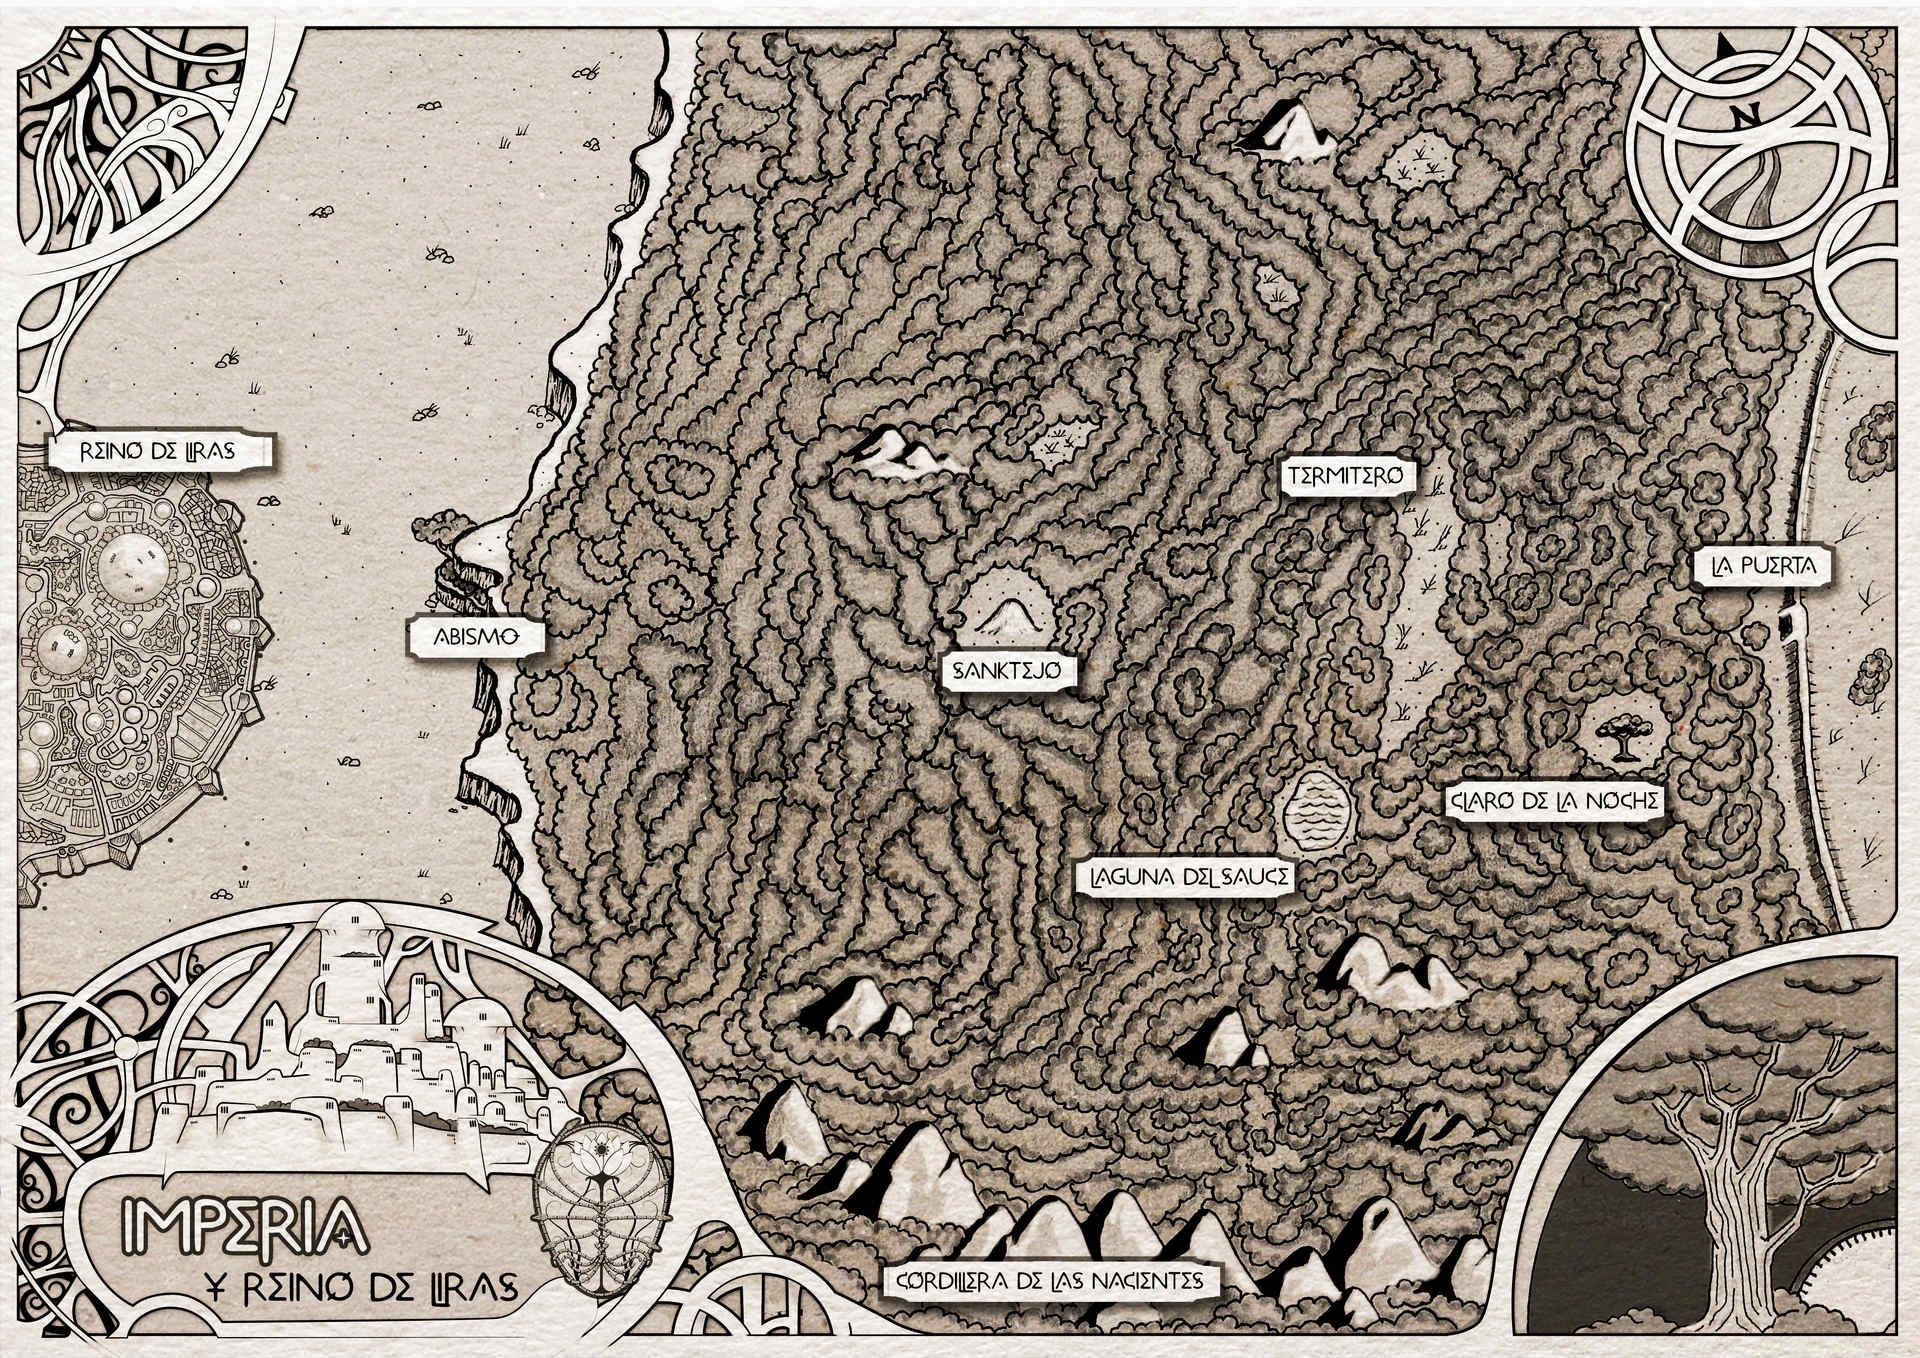 Mapa de Imperia los Predestinados